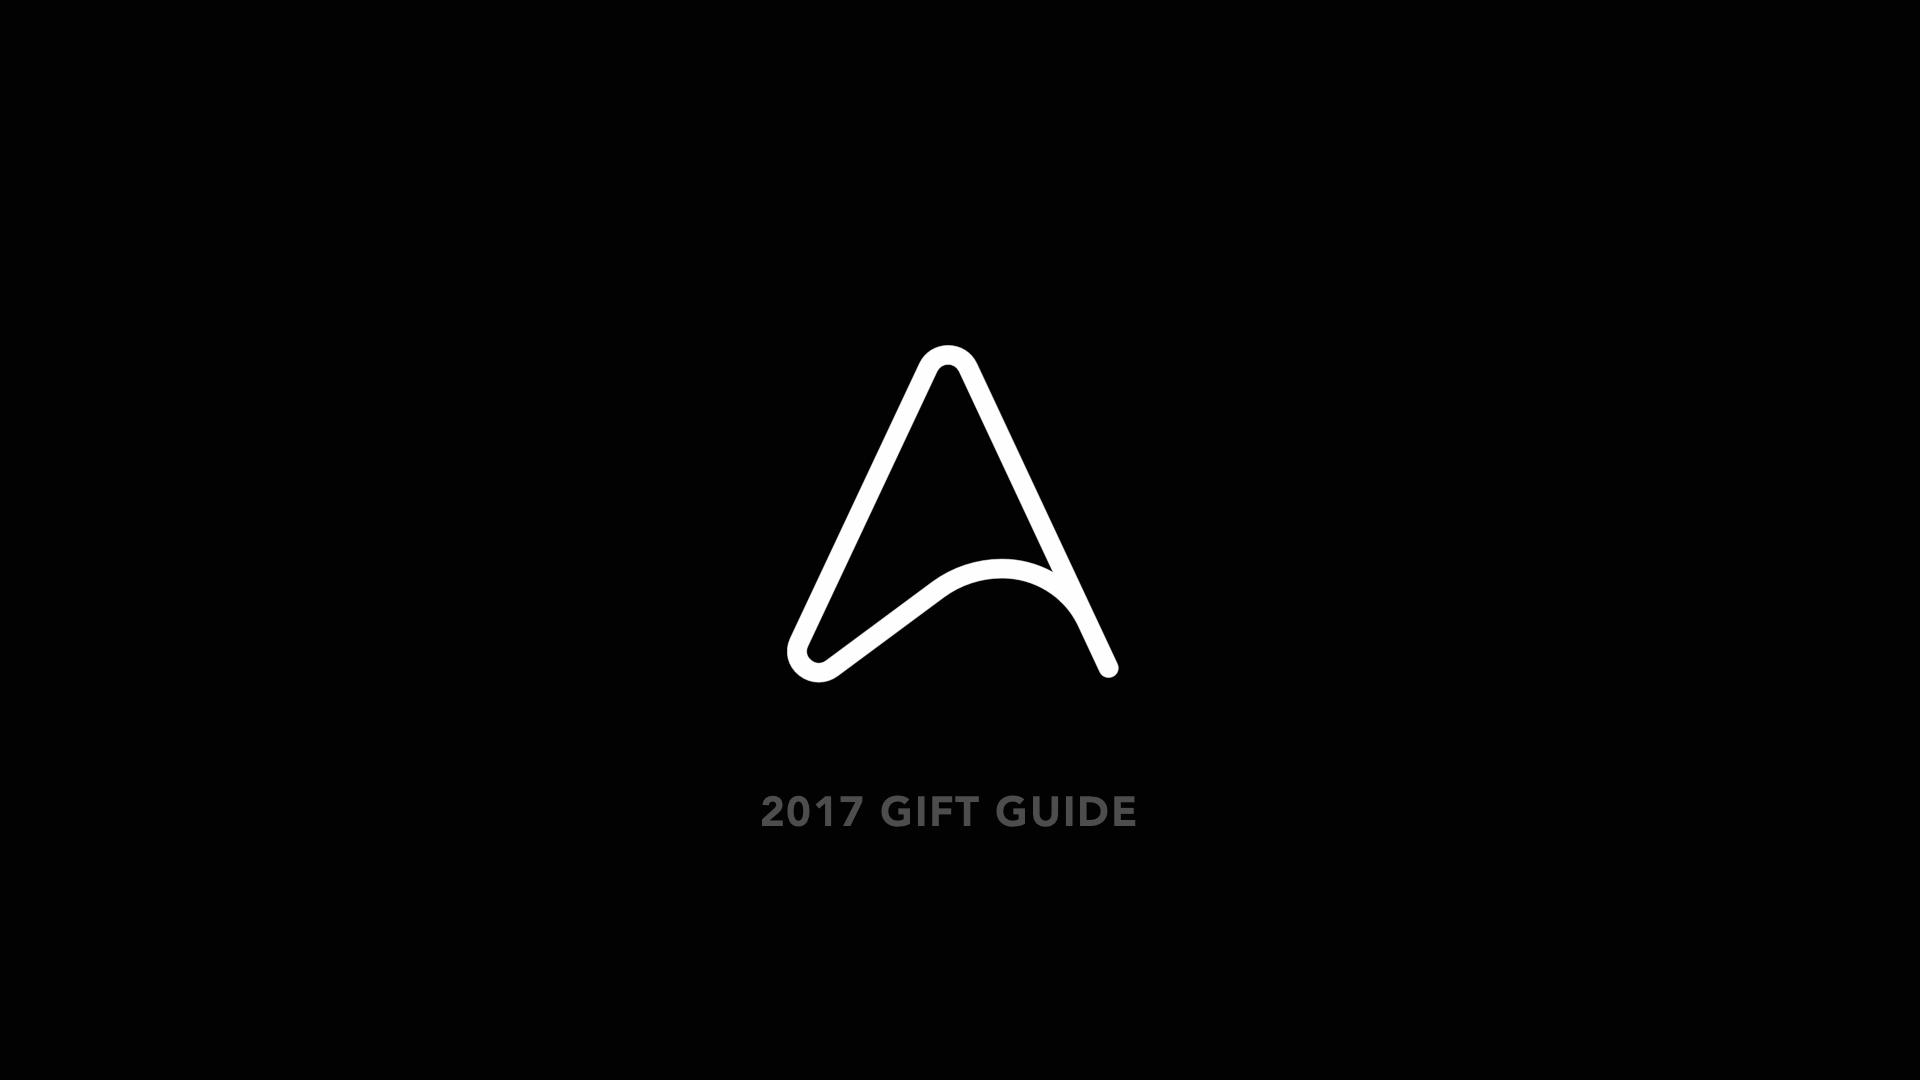 Fabio's 2017 Gift Guide